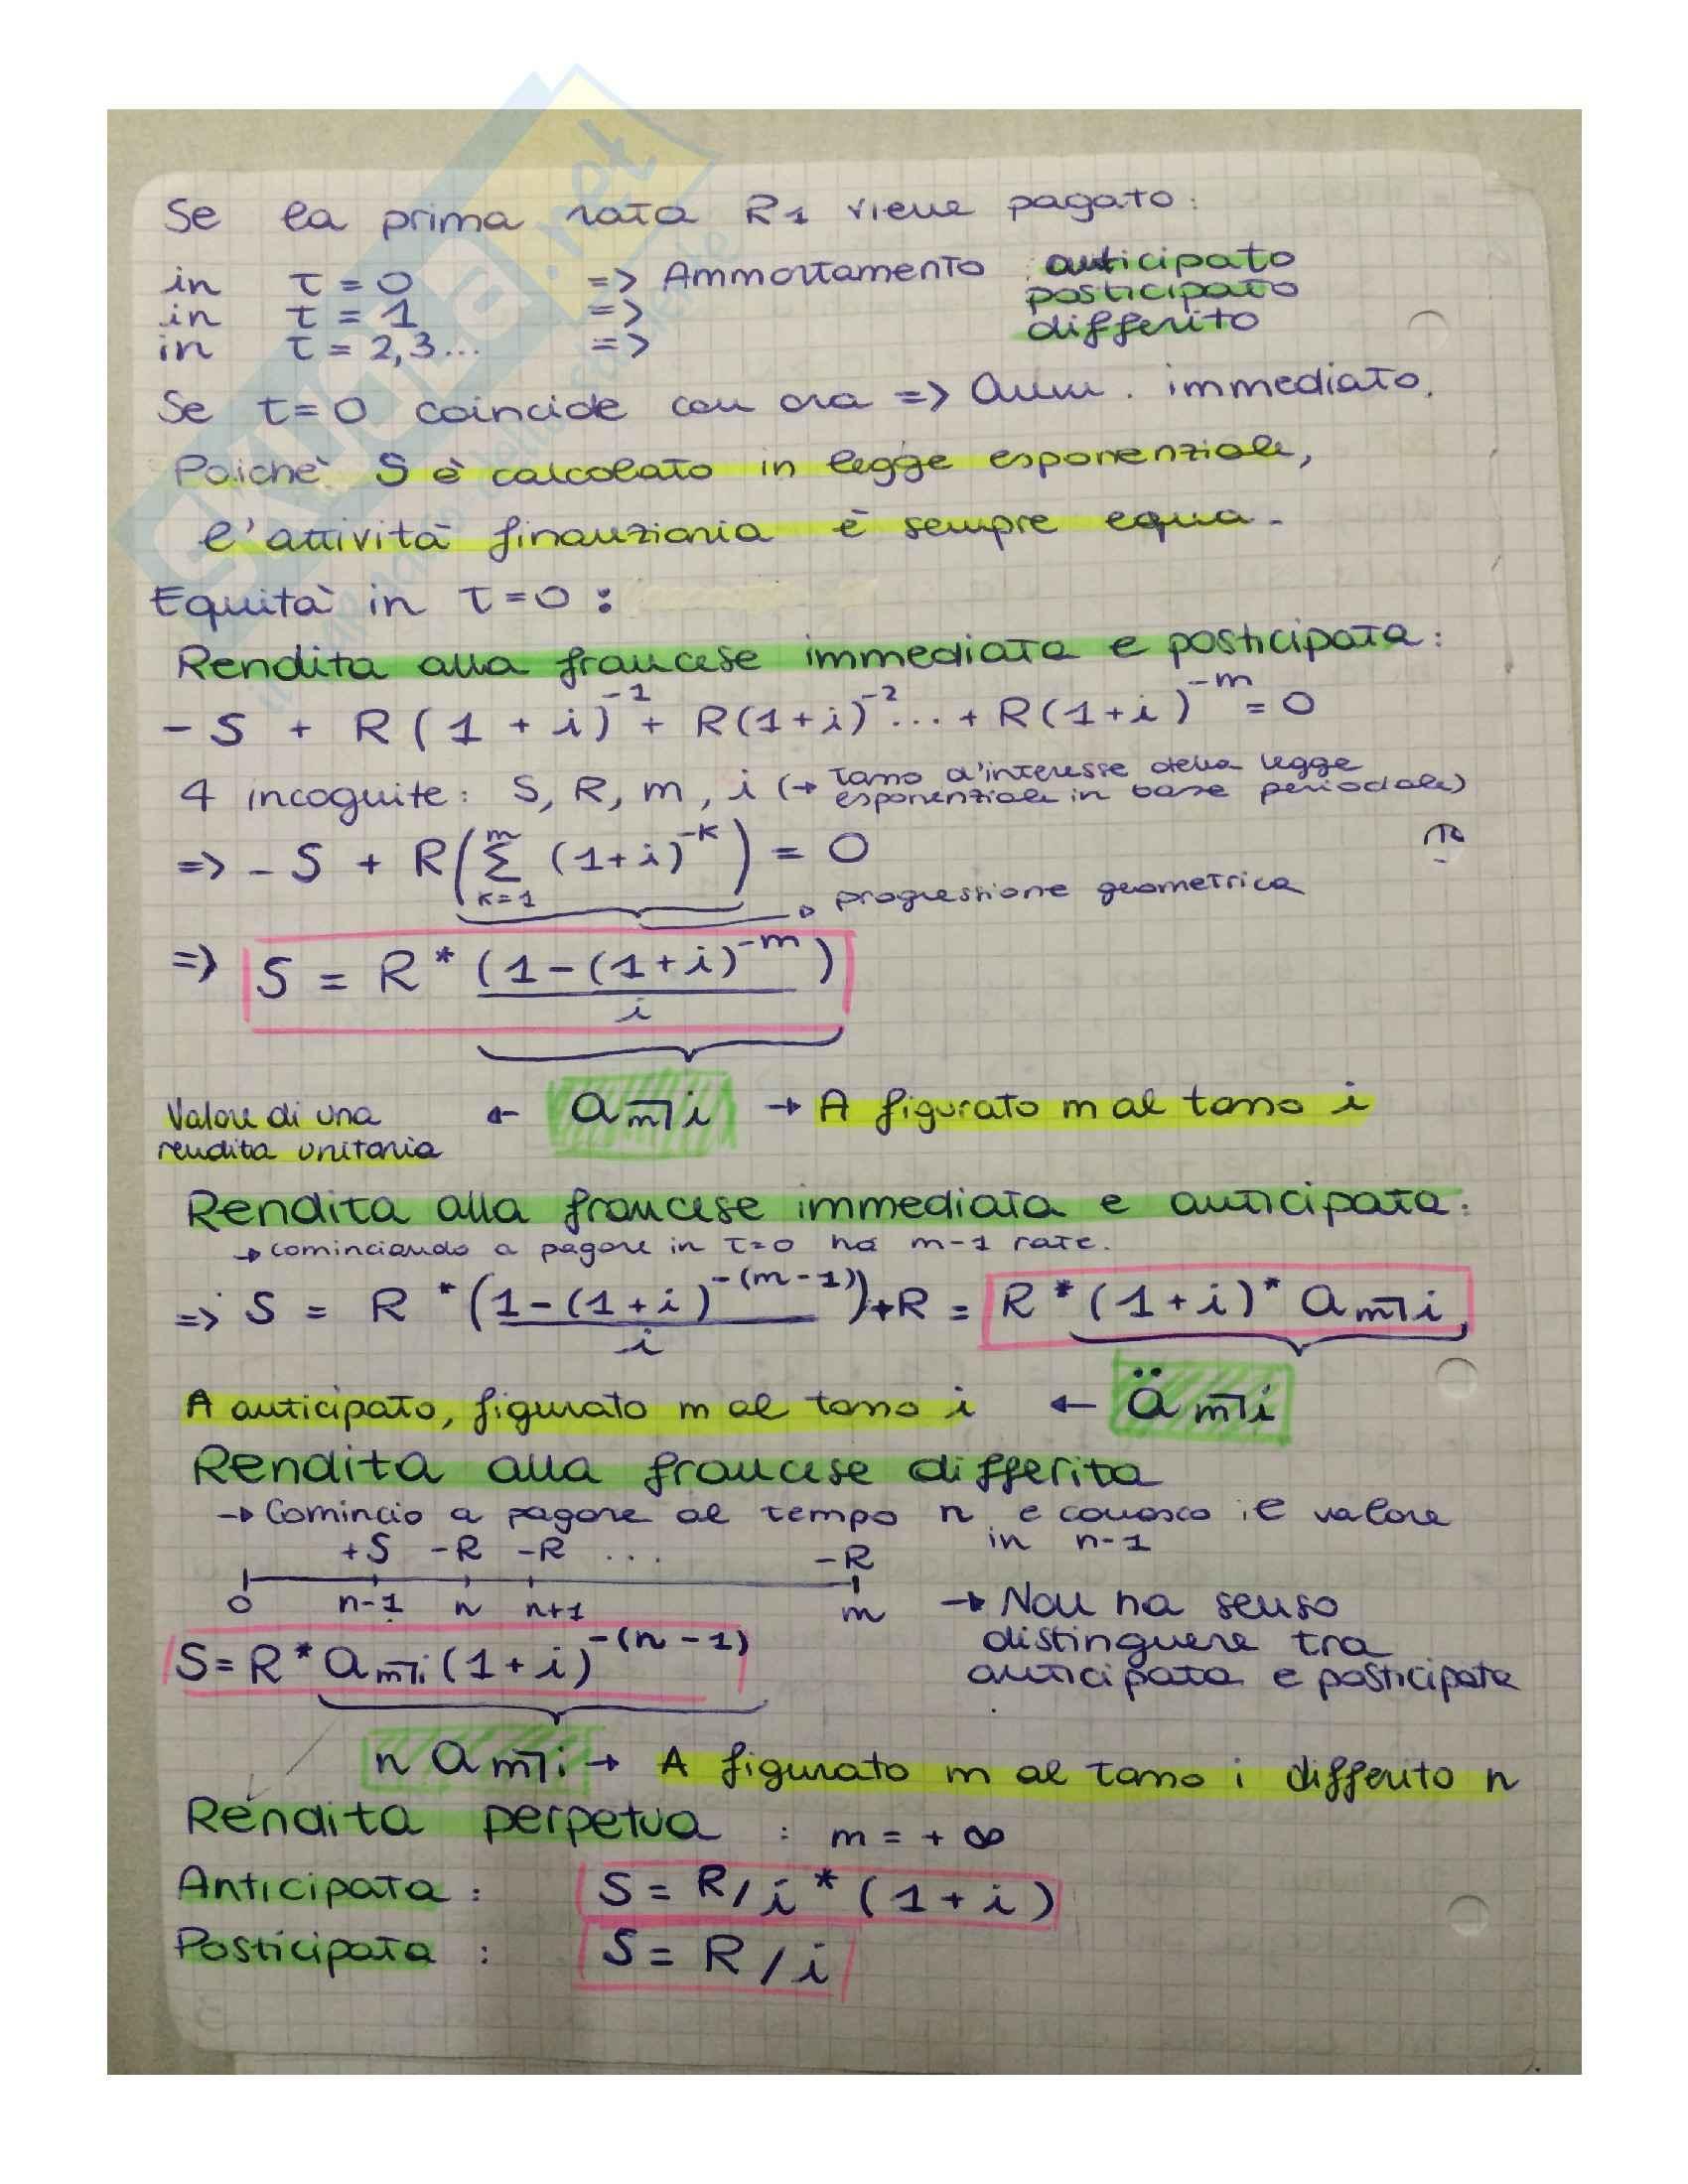 Matematica finanziaria - Appunti, definizioni e formule Pag. 6